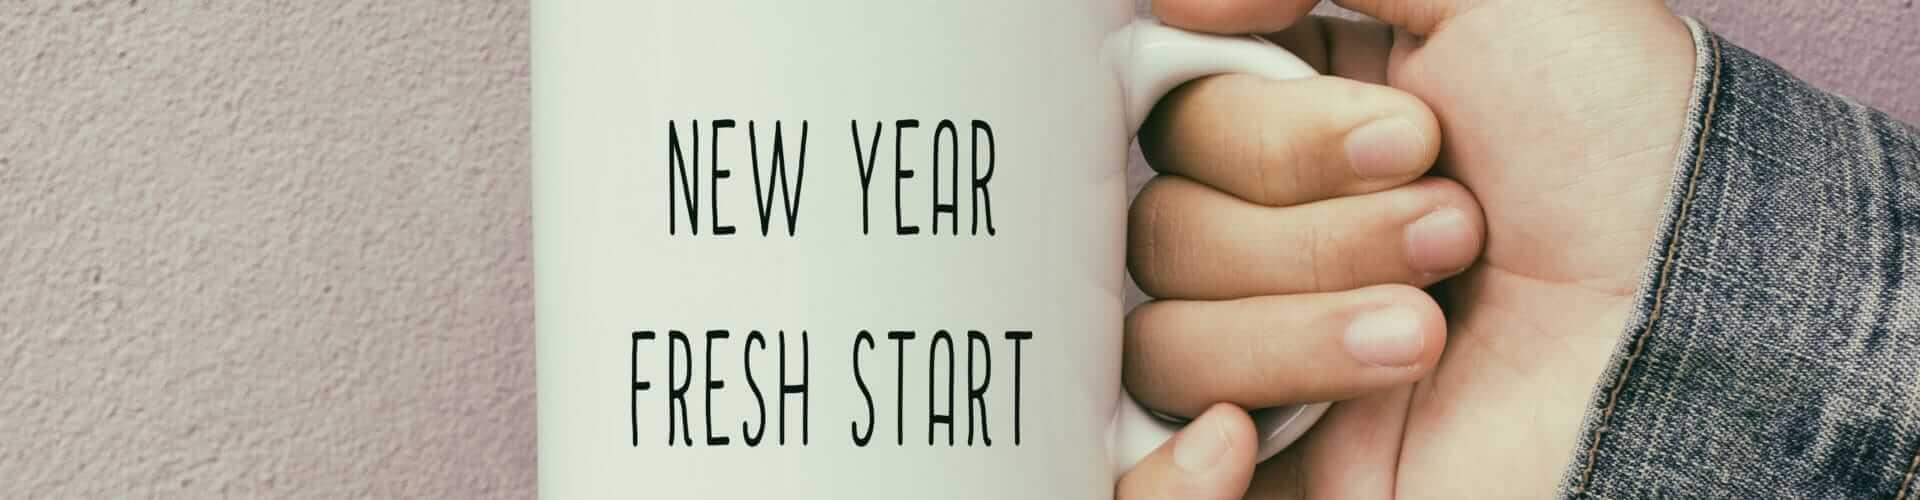 New Year, New Start'